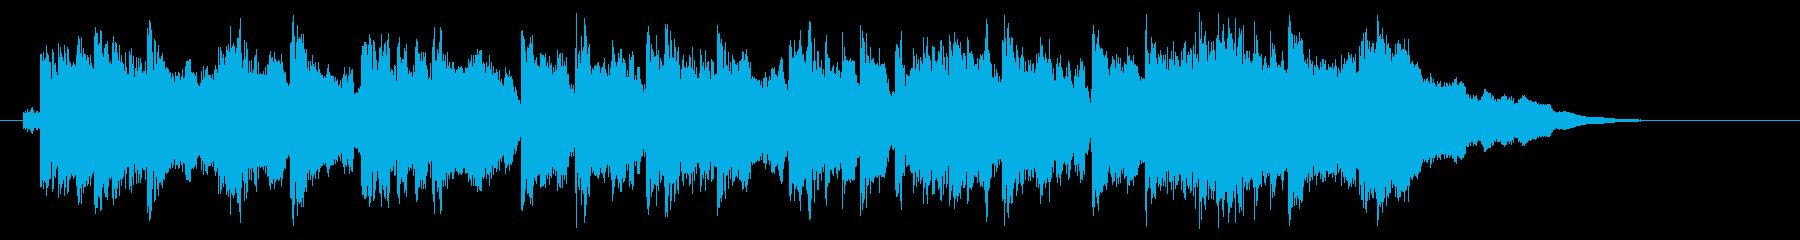 和やかでキレイなリラクゼーション音楽の再生済みの波形